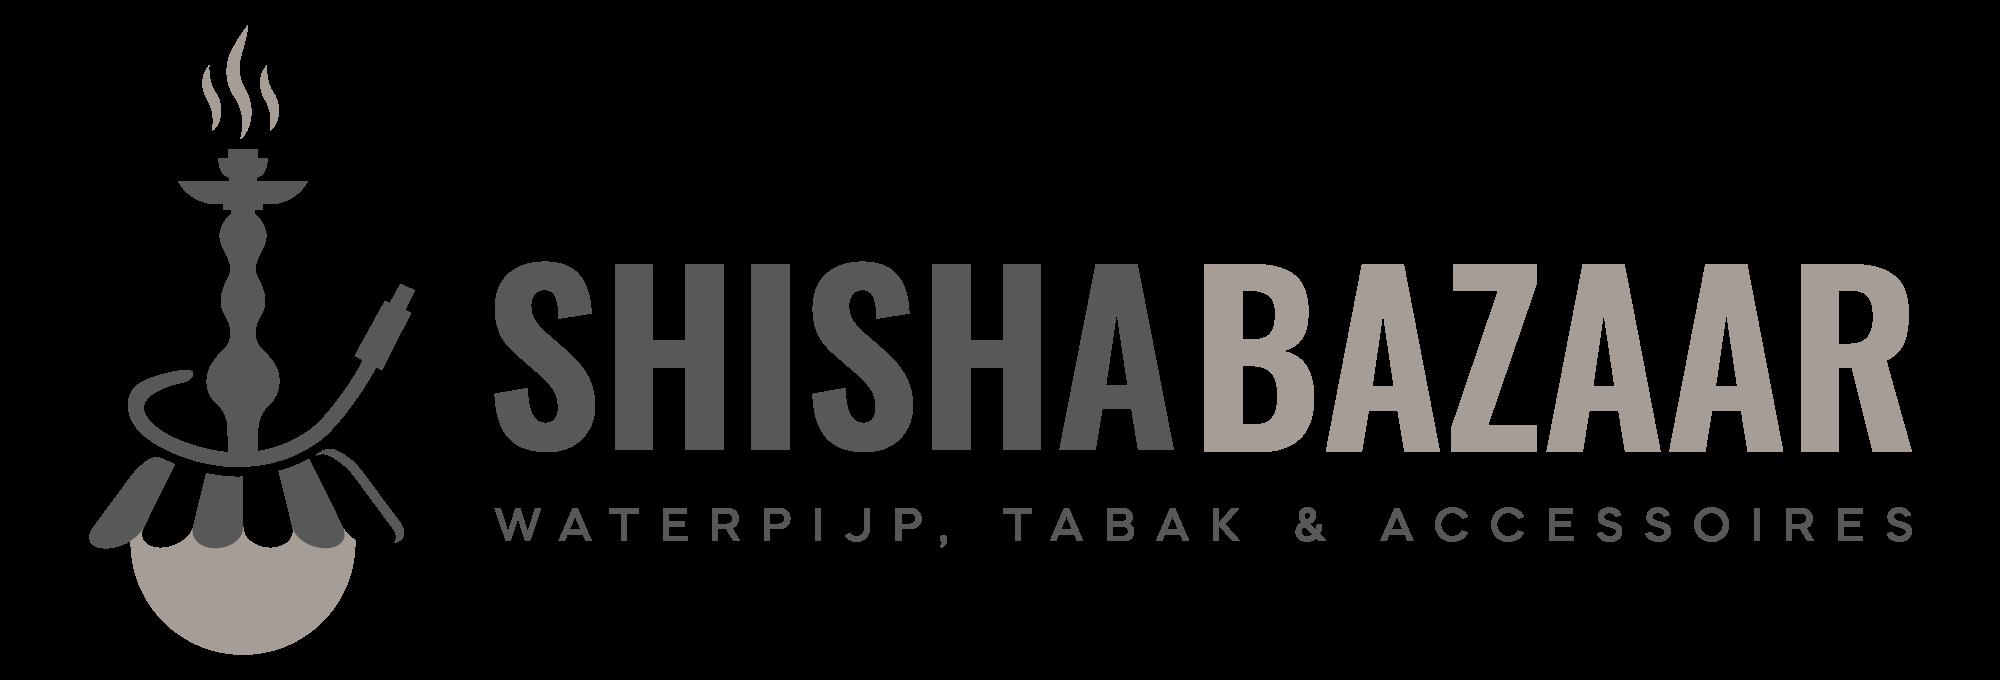 Shishabazaar